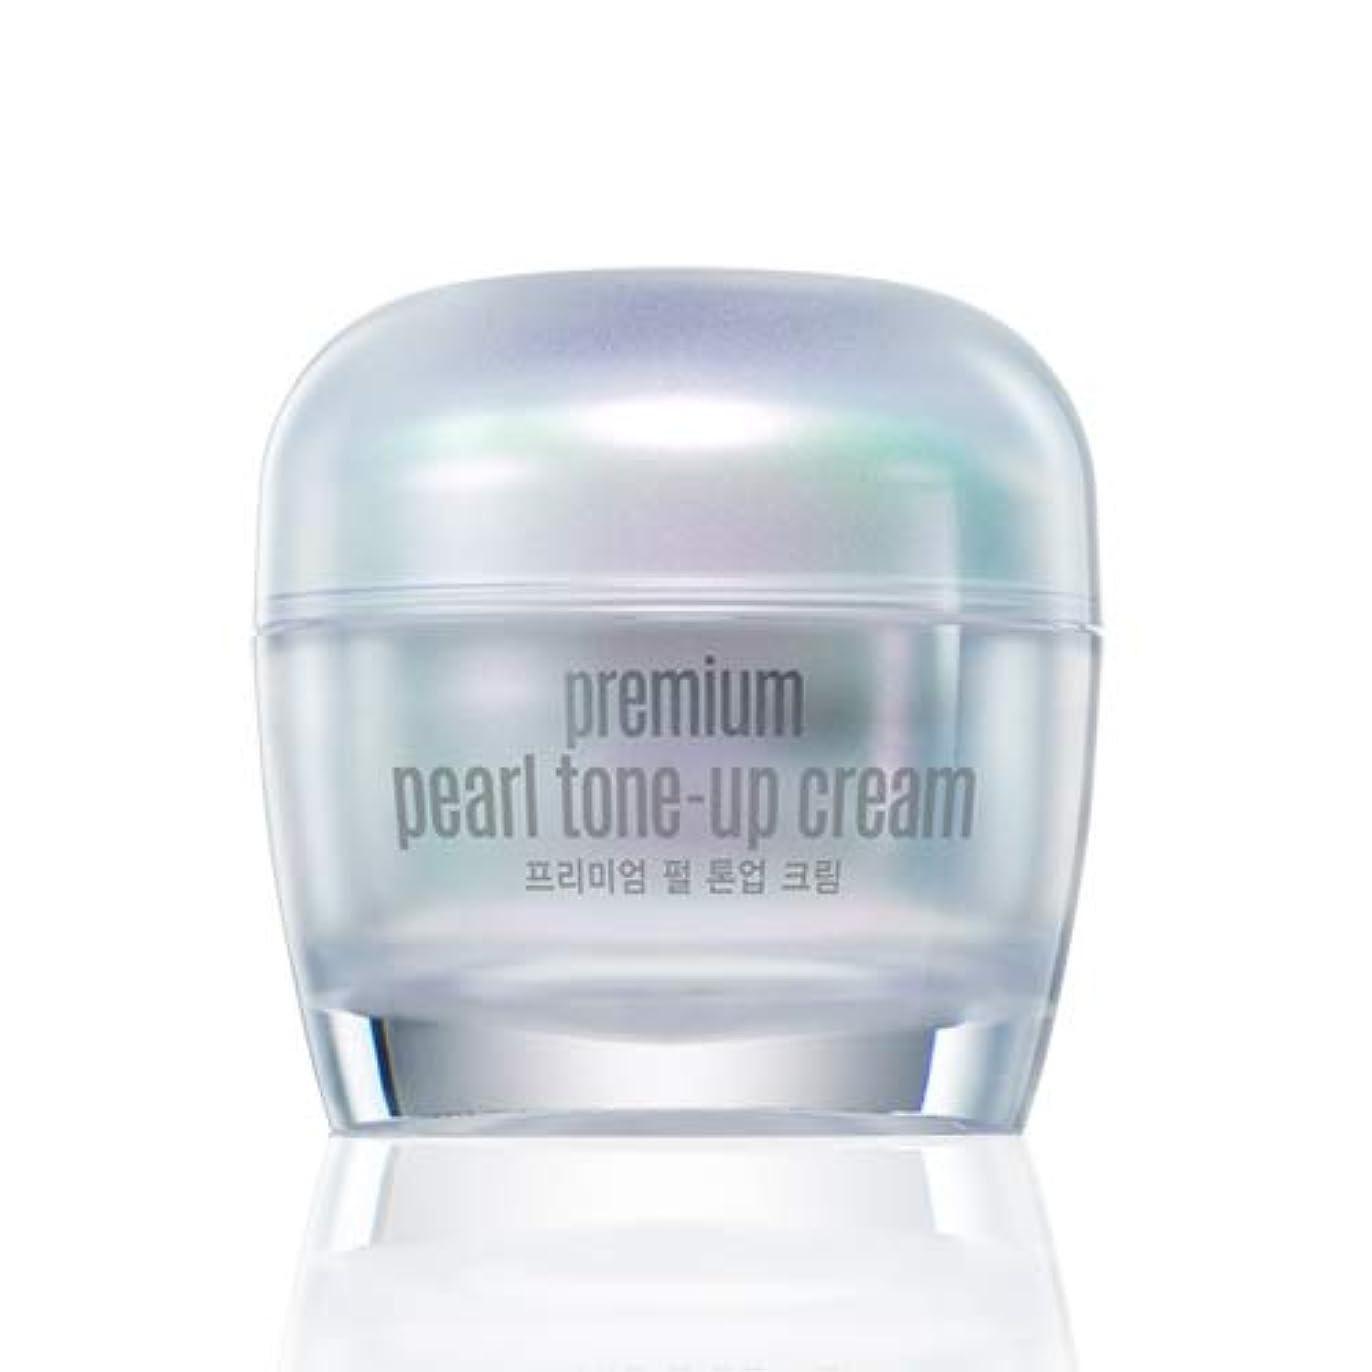 フラフープベリーワーカーグーダル プレミアム パール トーンアップ クリーム50ml Goodal Premium Pearl Tone-up Cream [並行輸入品]